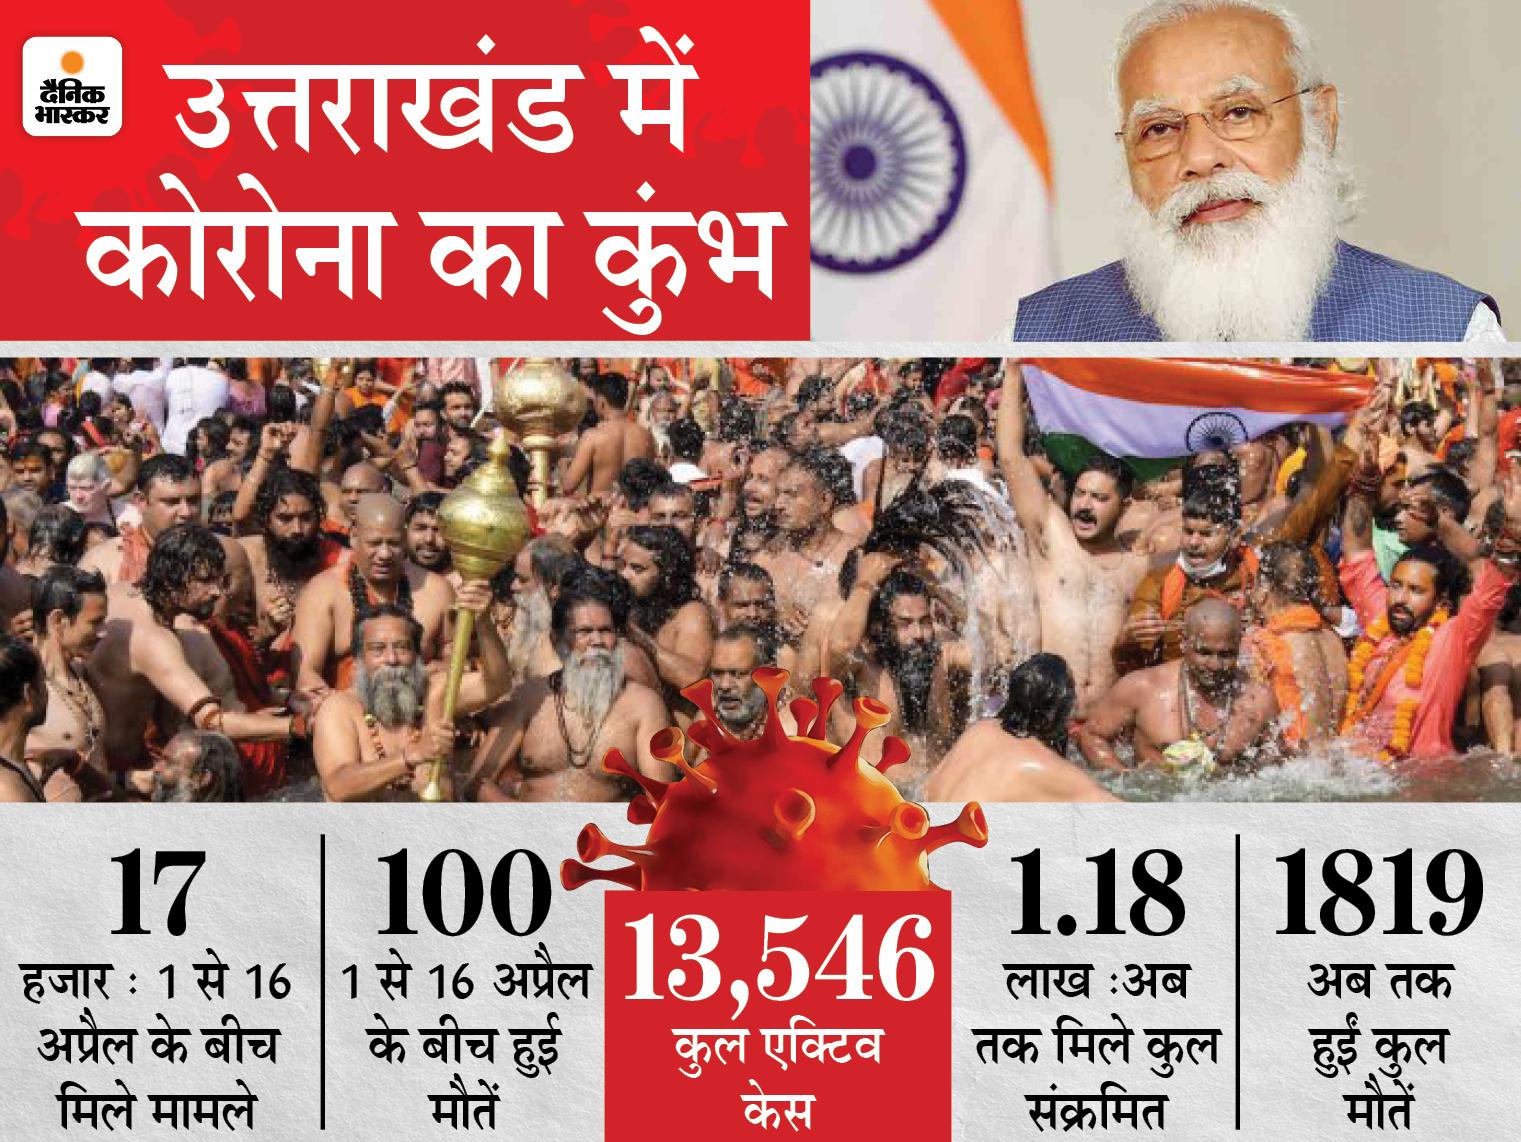 PM मोदी ने स्वामी अवधेशानंद गिरी से कहा- दो शाही स्नान हो चुके, अब कुंभ प्रतीकात्मक रखा जाए देश,National - Dainik Bhaskar